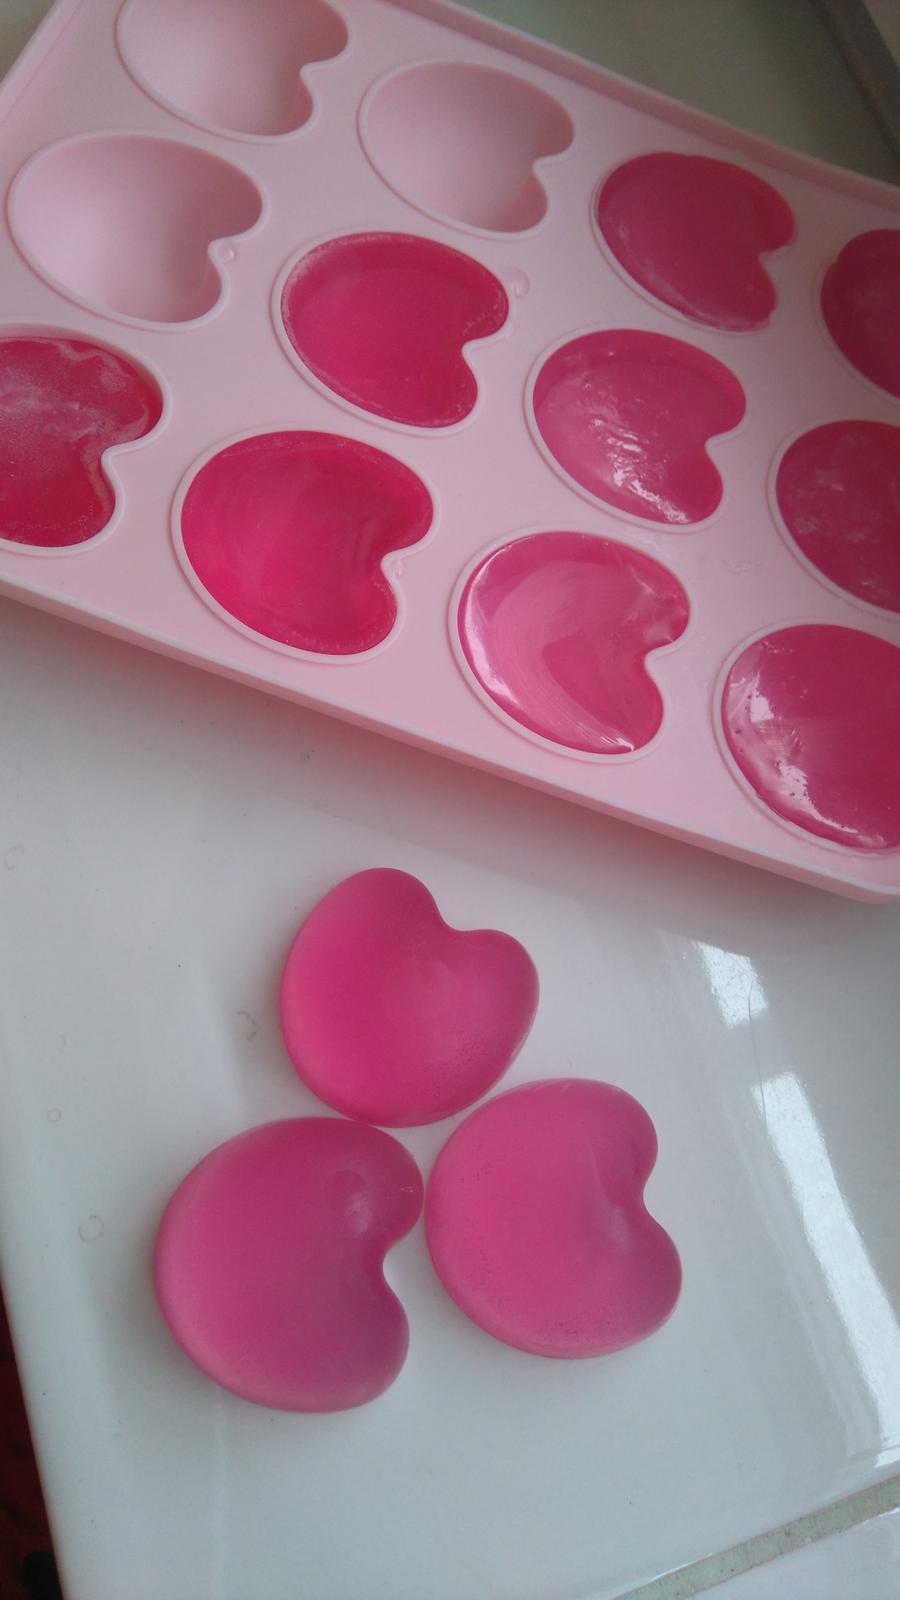 Bude svadba, svadbička :) - Mydielkujem :-) darček pre svadobčanov, ružové mydielko s jahodovou vôňou...balené budú po (asi) troch kusoch v celofáne alebo ak mi stihhnú prísť darčekové sáčky z aliexpress tak v nich :)